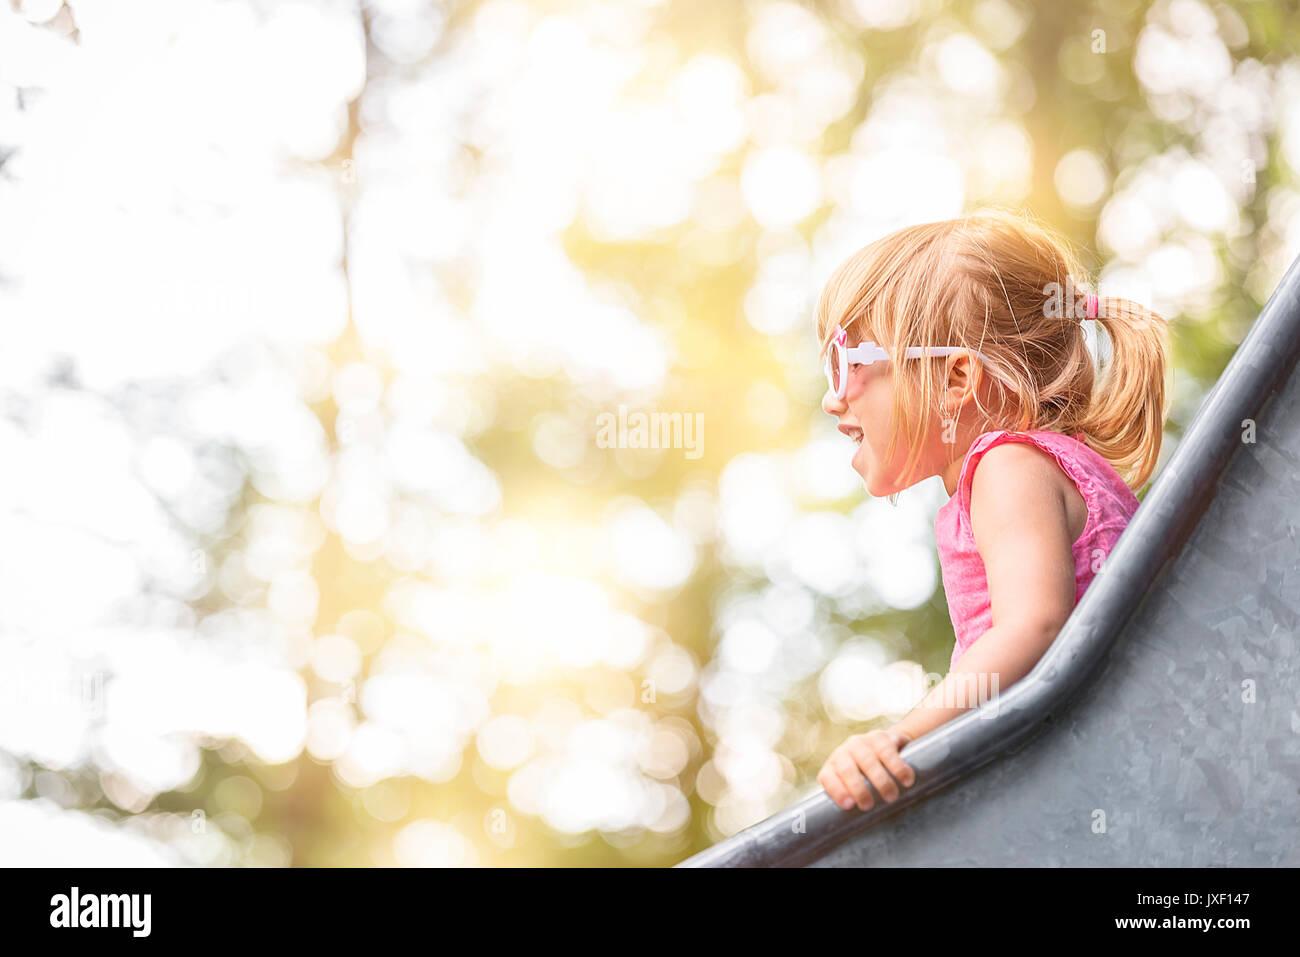 Close-up imagem com uma menina para diversão em um slide a partir de um parque infantil, em um dia ensolarado. Imagens de Stock